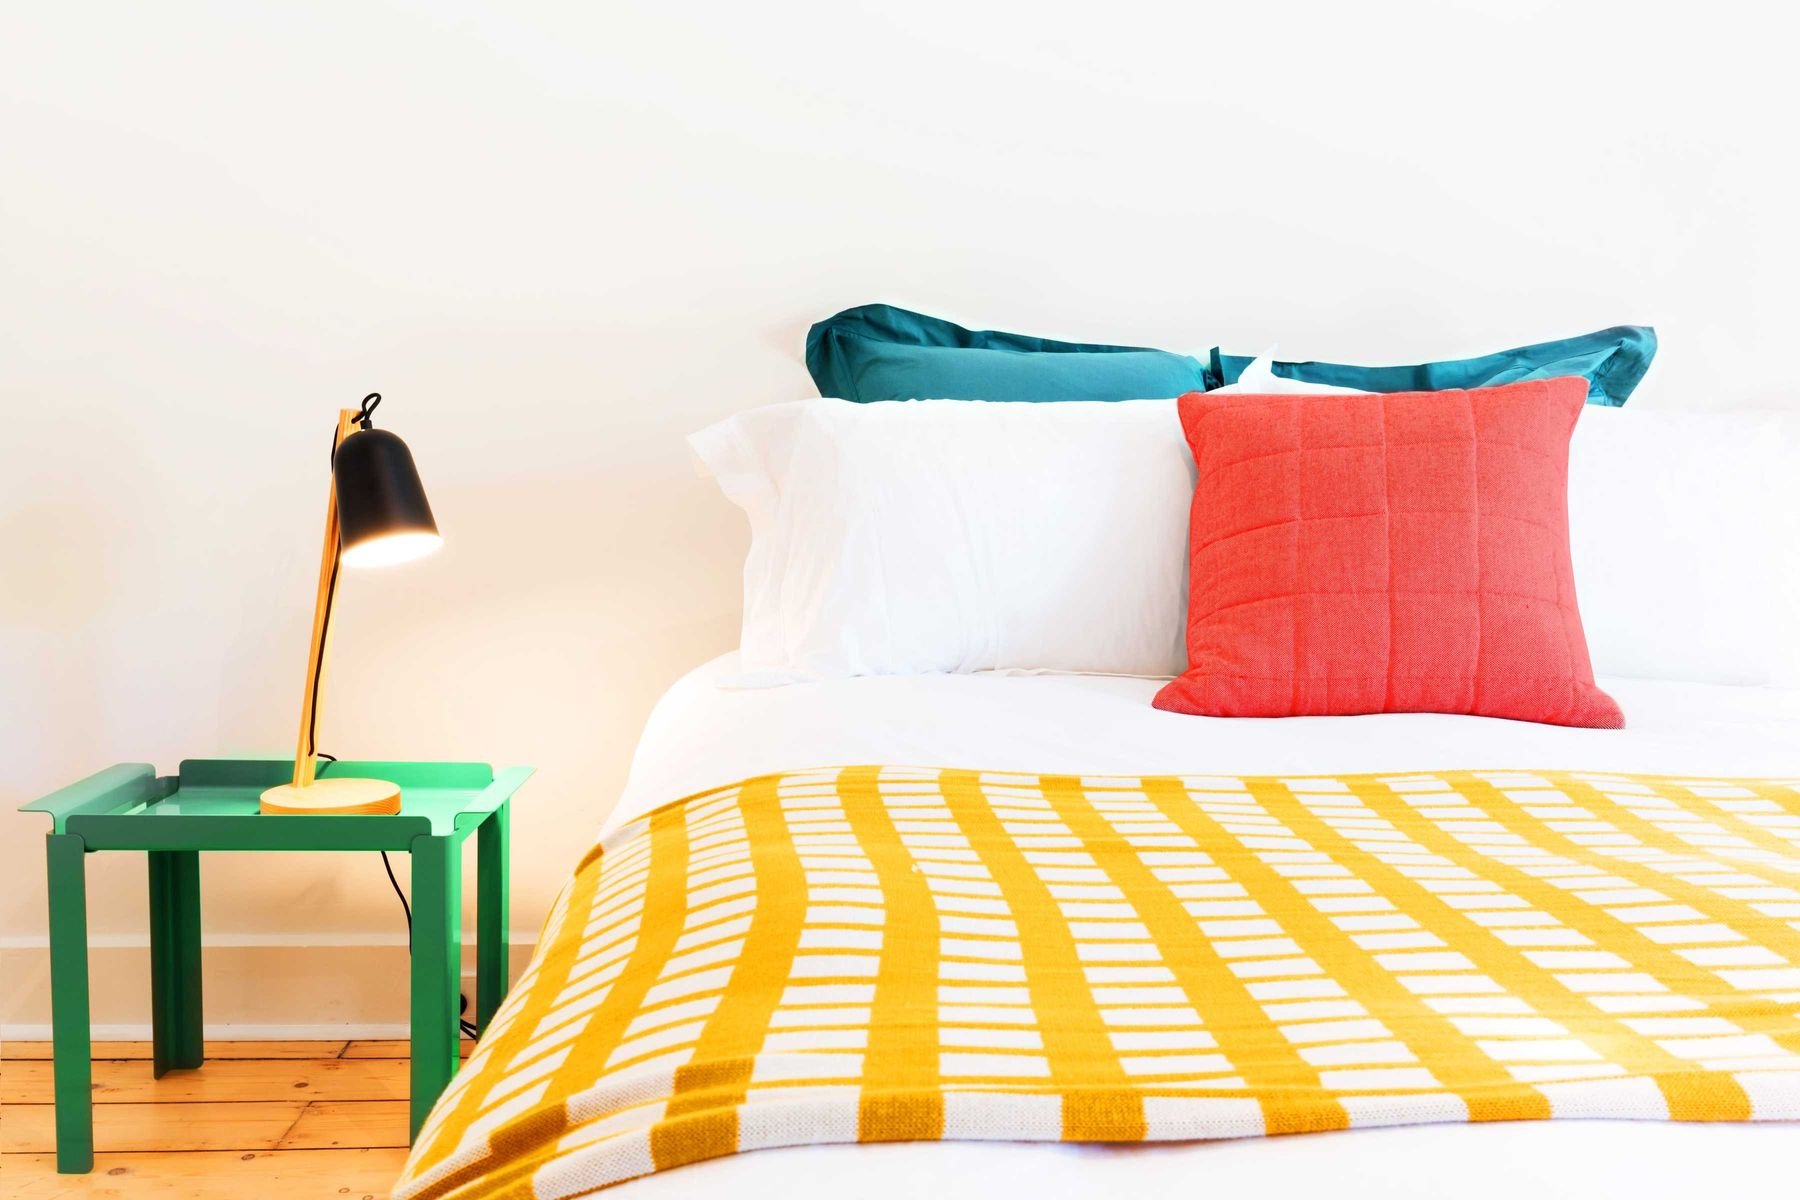 cama-arrumada-com-travasseiros-coloridos